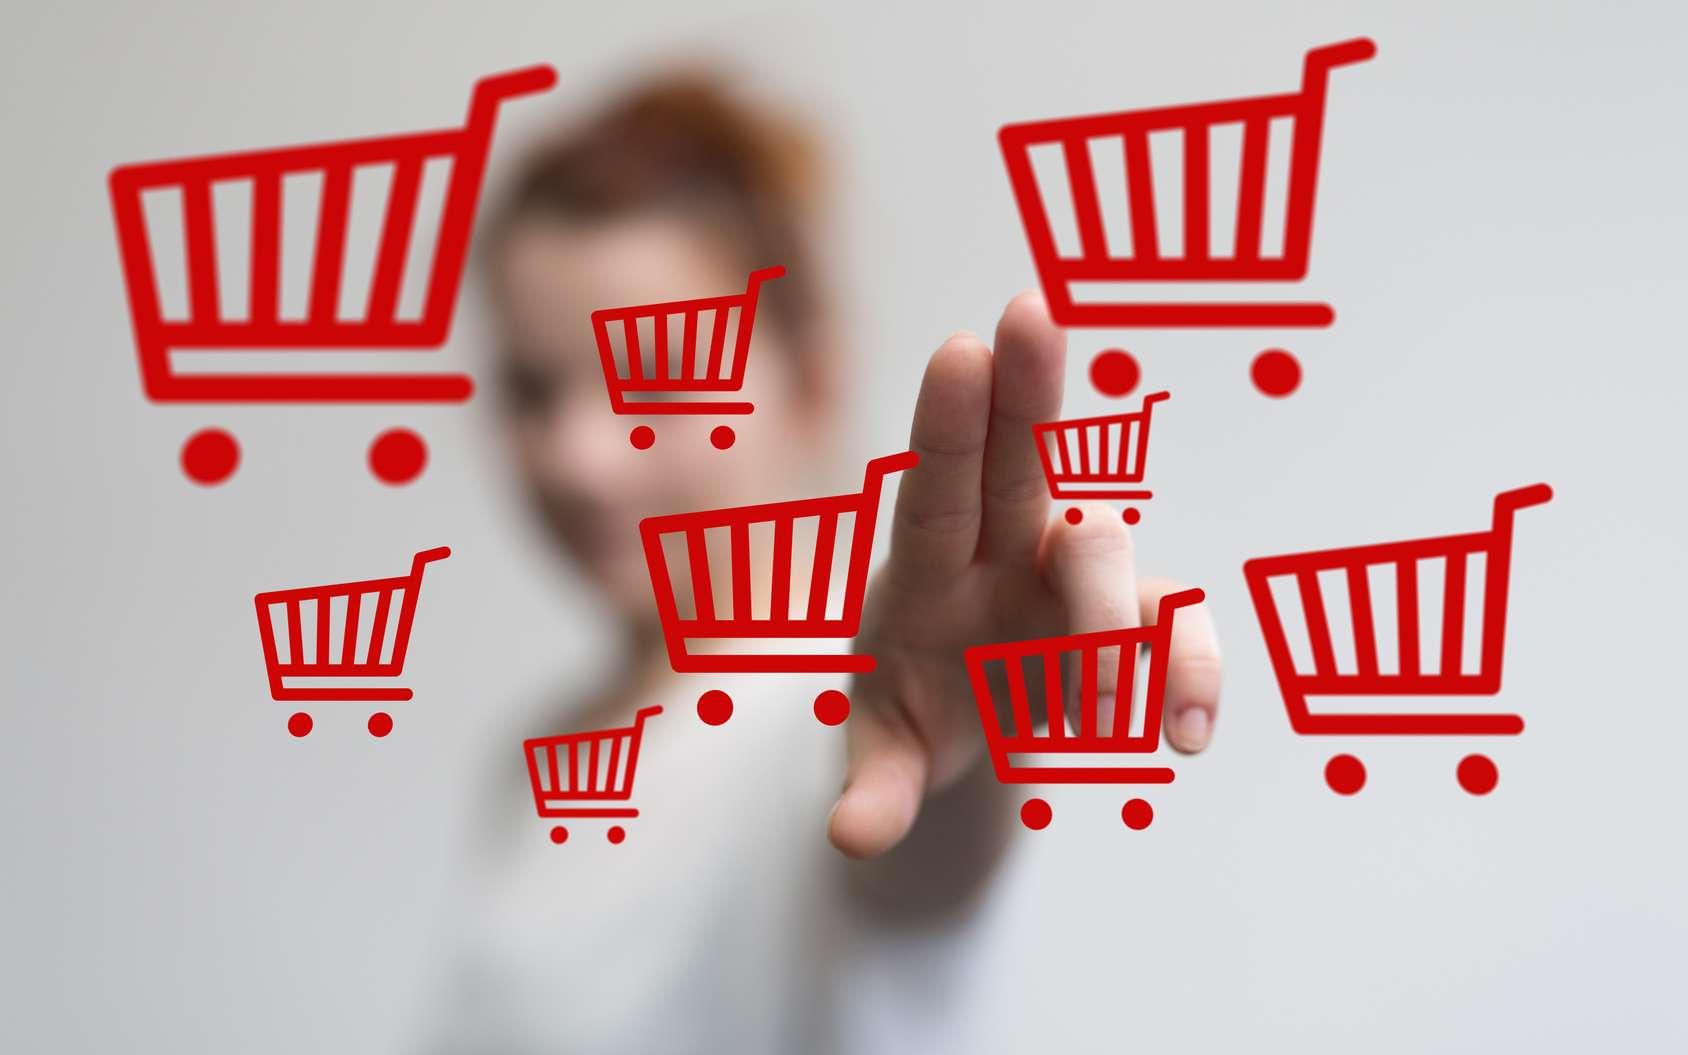 Repenser le magasin d'après: vers un marketing sanitaire